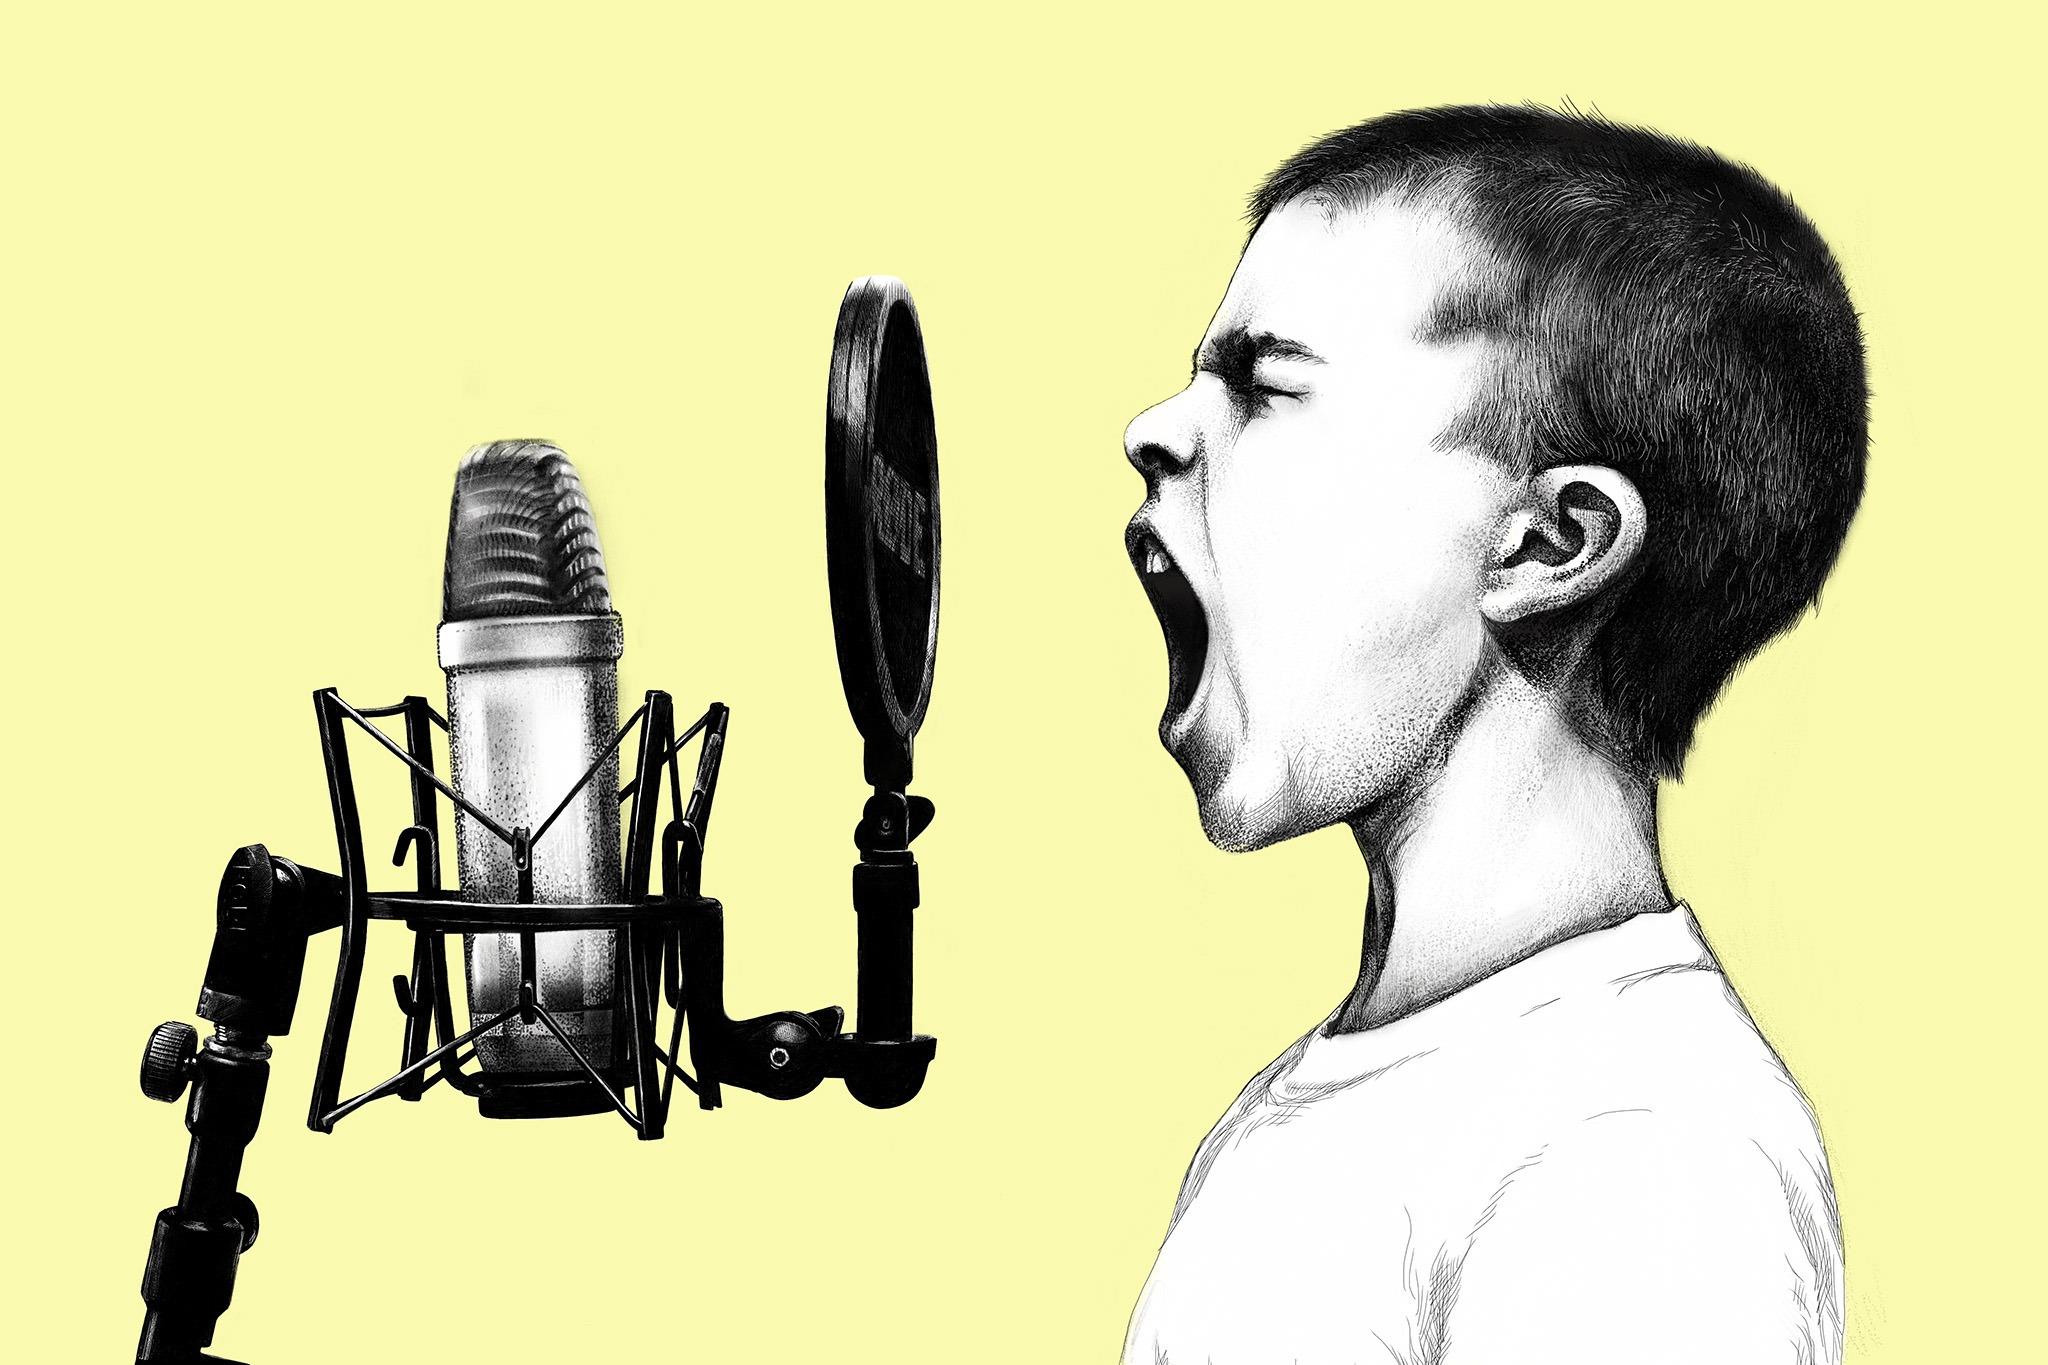 Enfant qui chante devant le filtre pop d'un micro sur fond jaune pâle